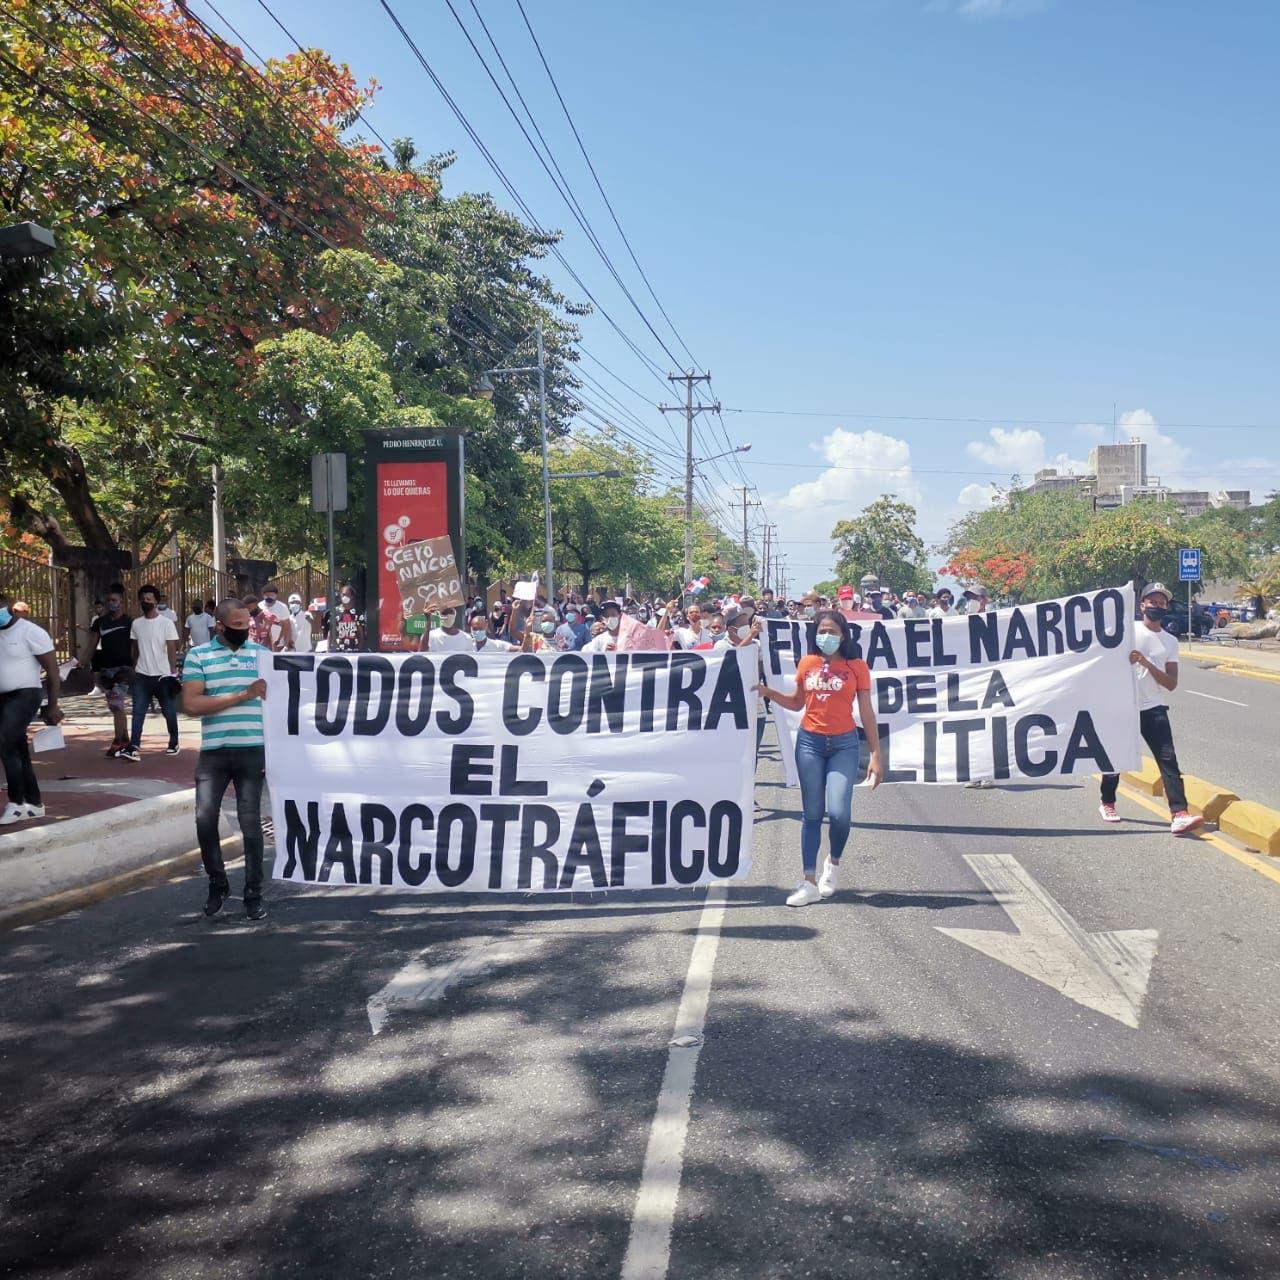 Jóvenes marchan y exigen explicaciones sobre candidatos vinculados a casos de narcotráfico